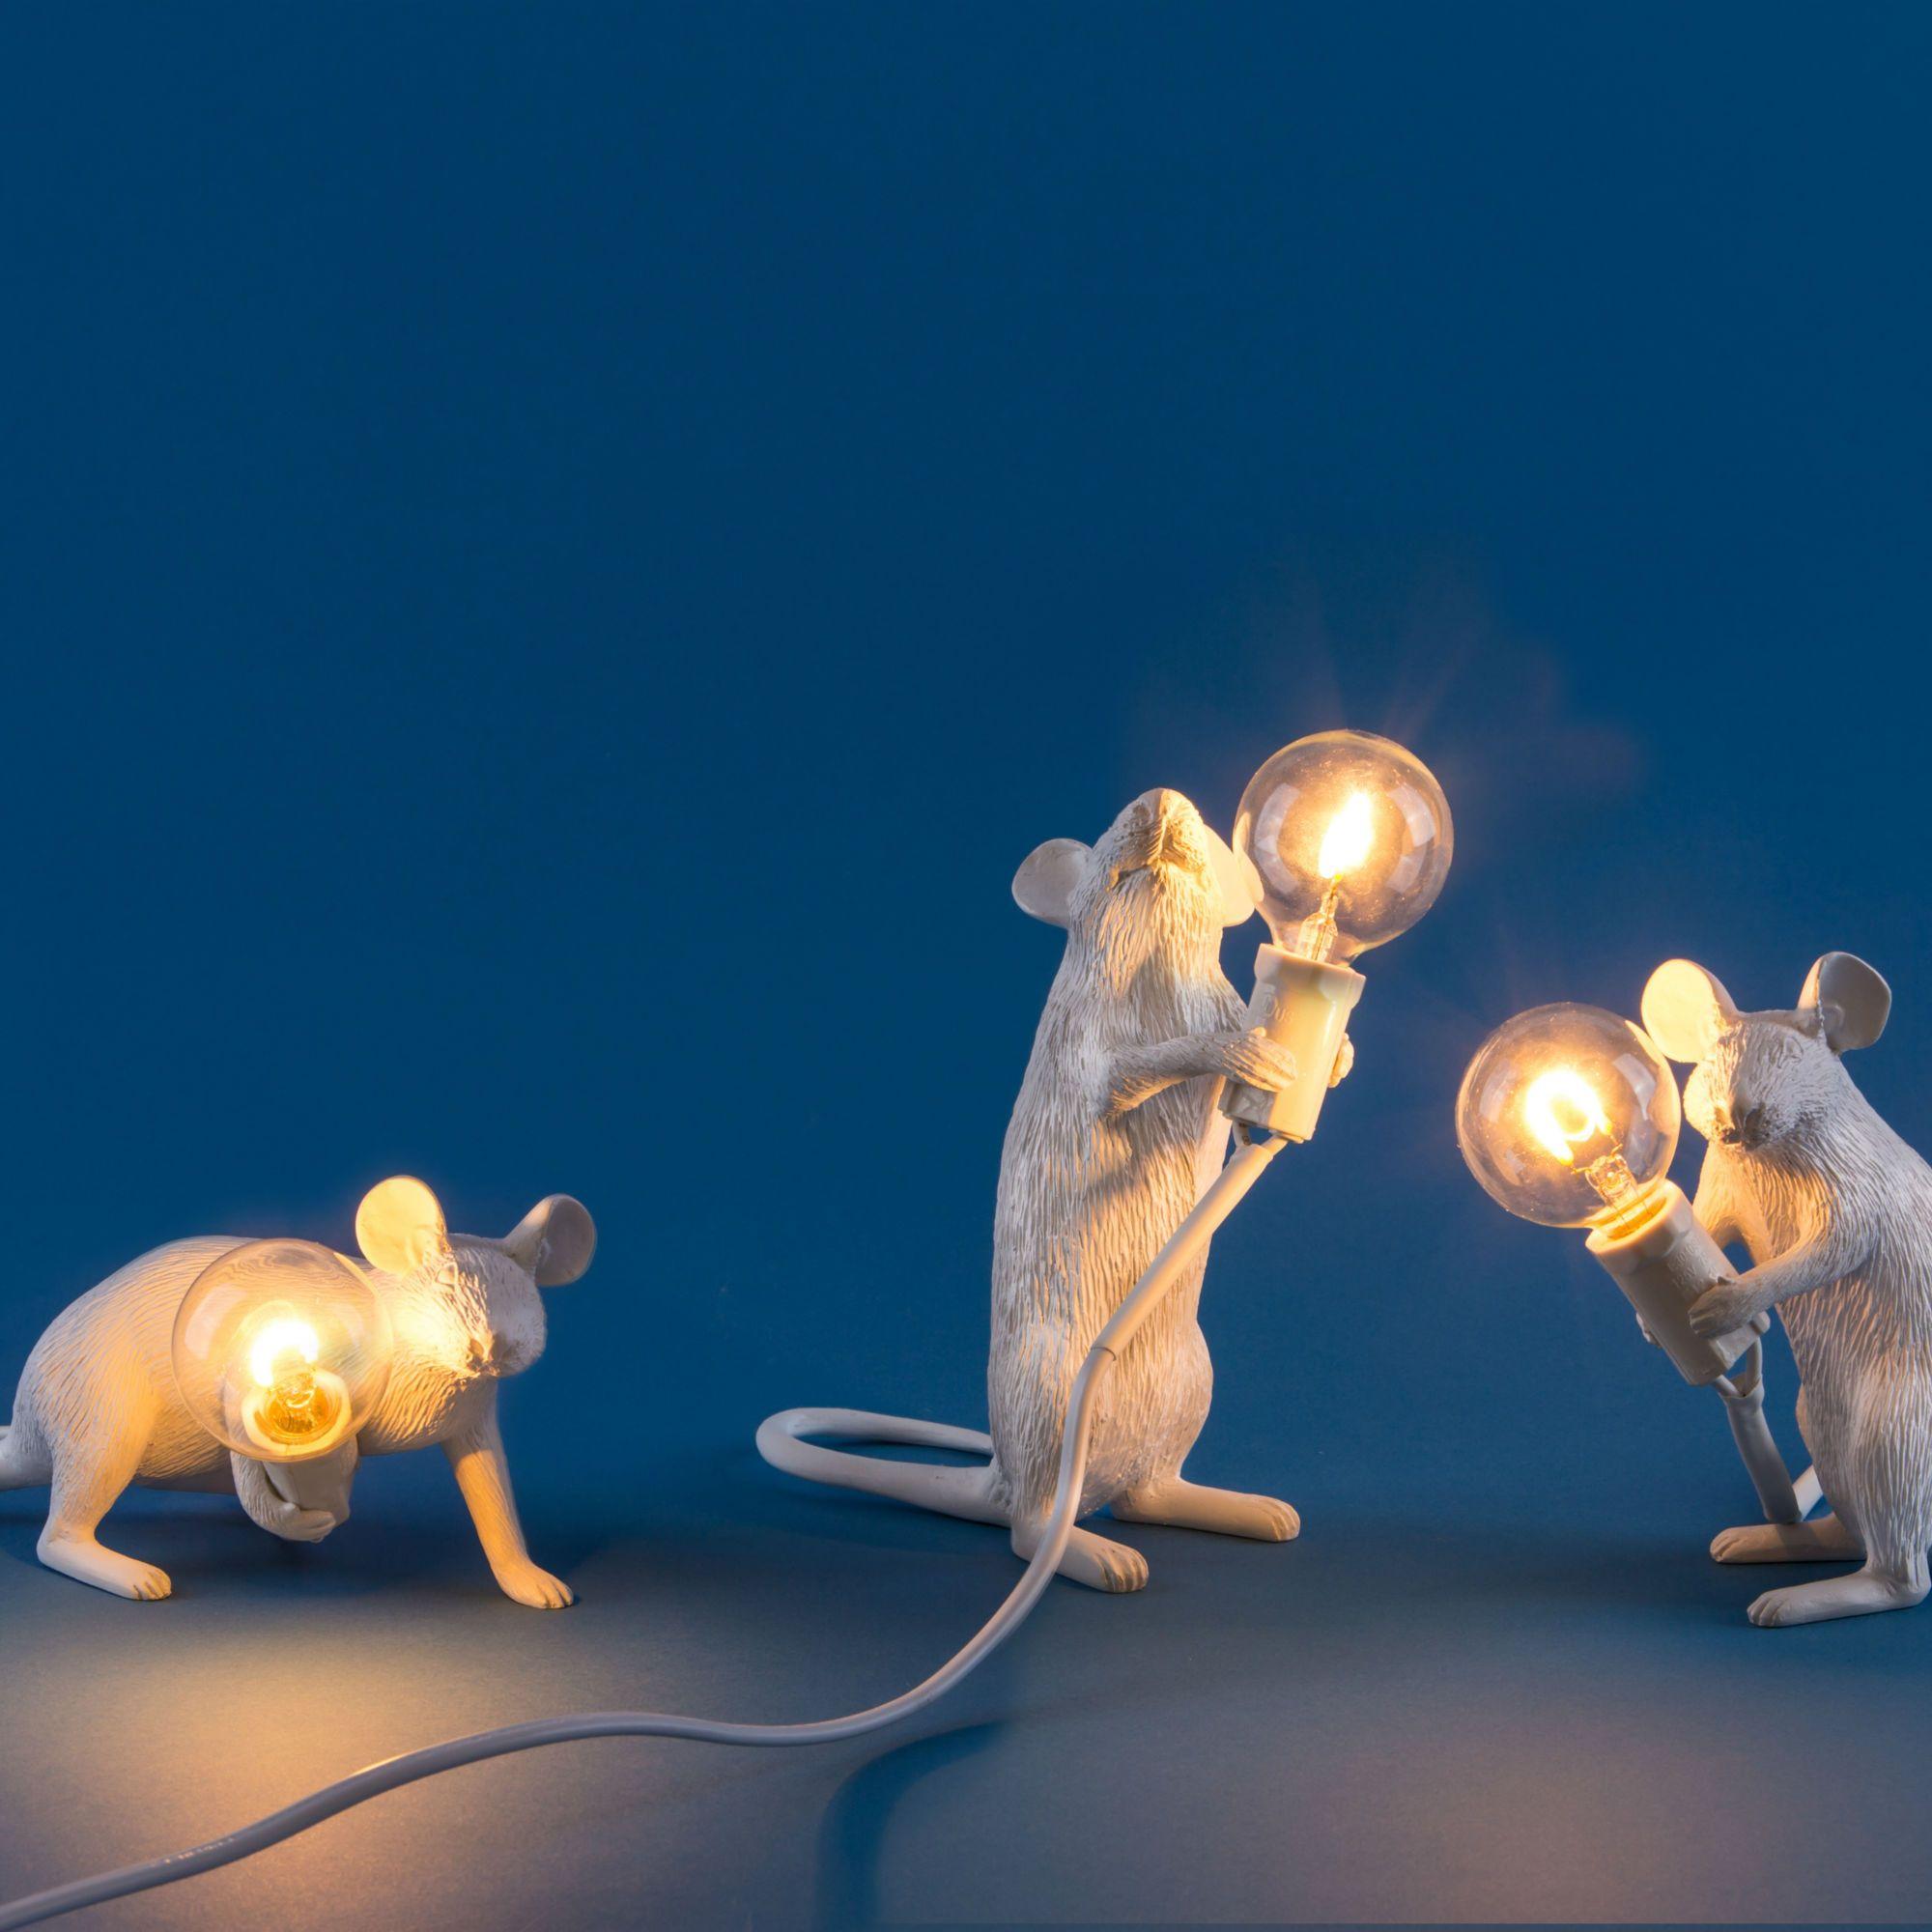 Myszka kt³ra przytrzyma Twoją lampę Nowa kolekcja Mouse od